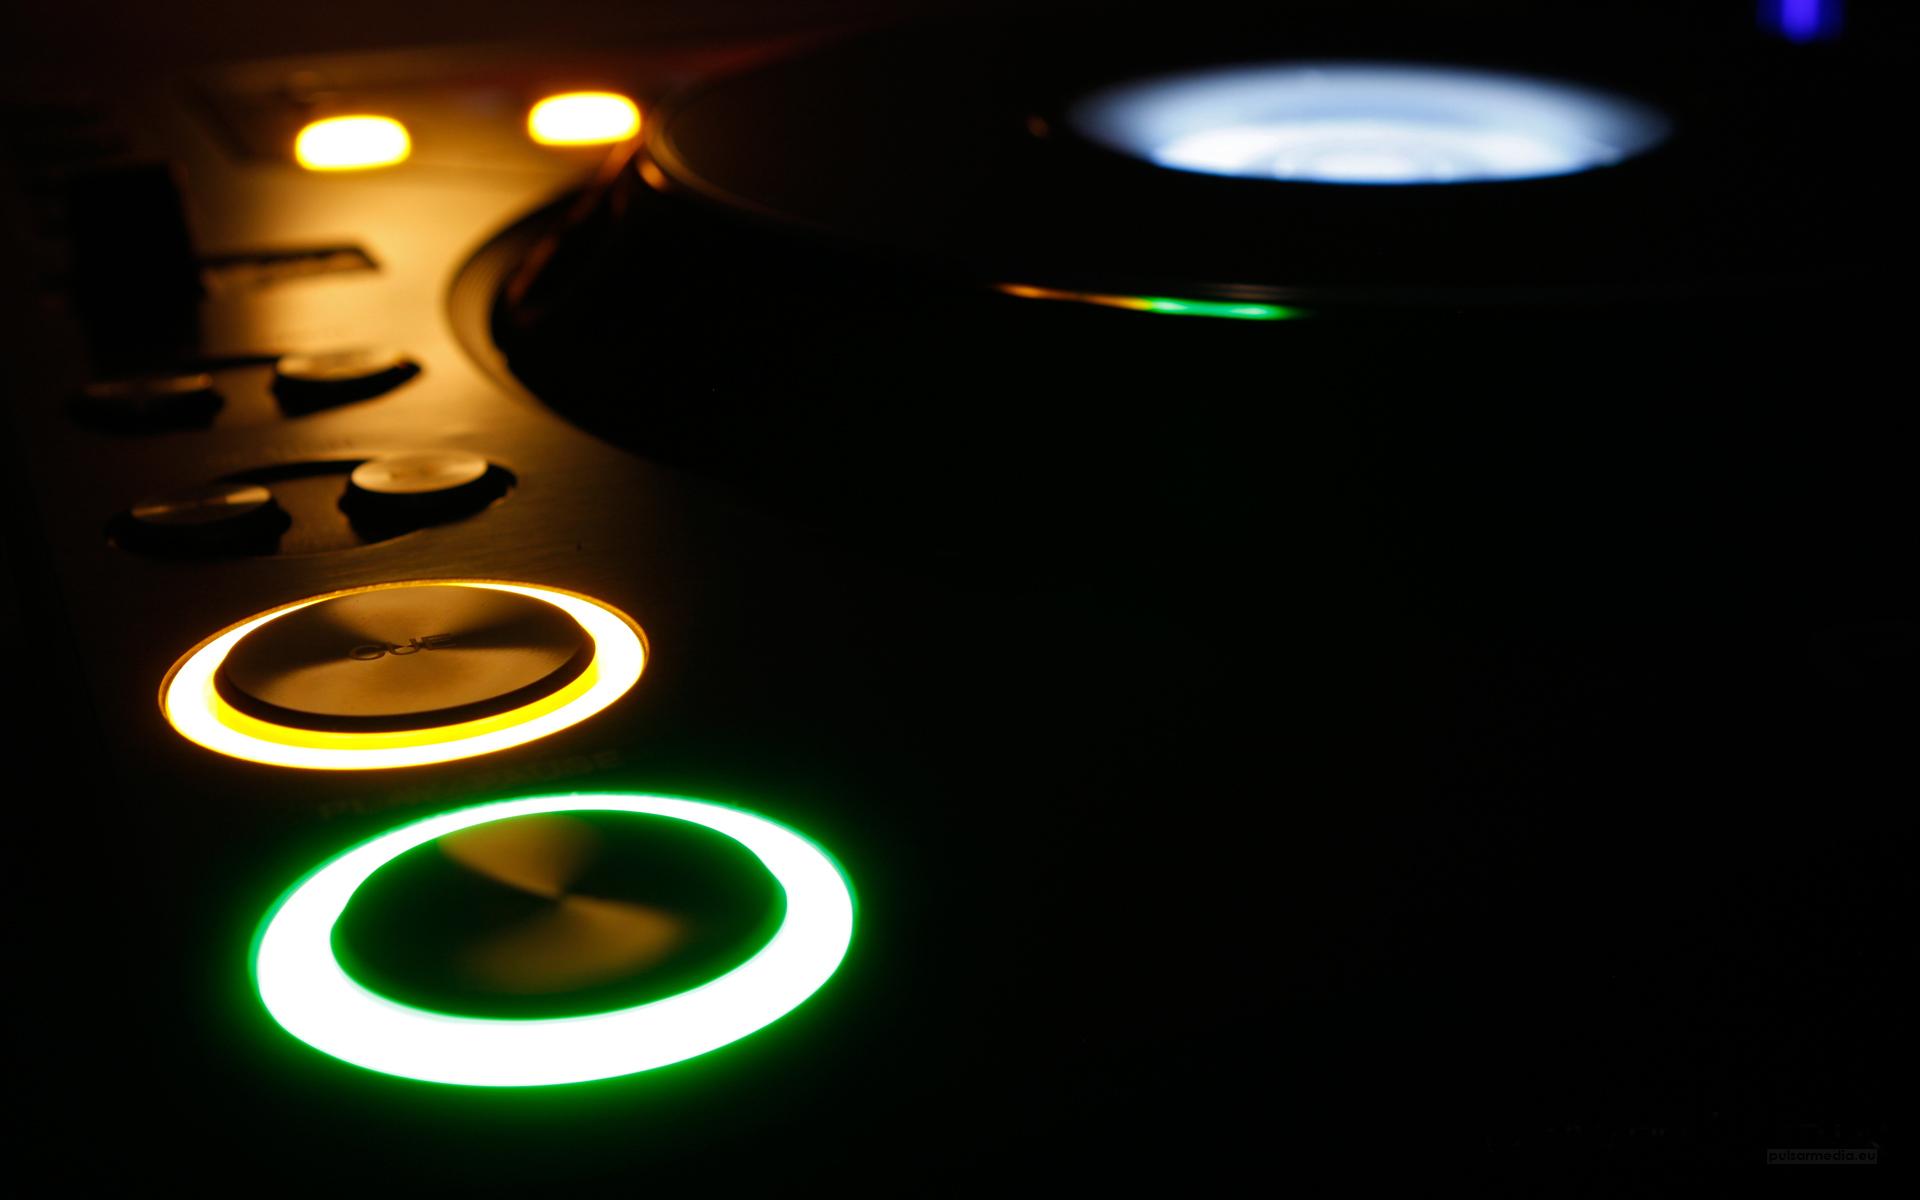 Τα 40 Καλύτερα Dance/House Κομμάτια του 2012 & Extras